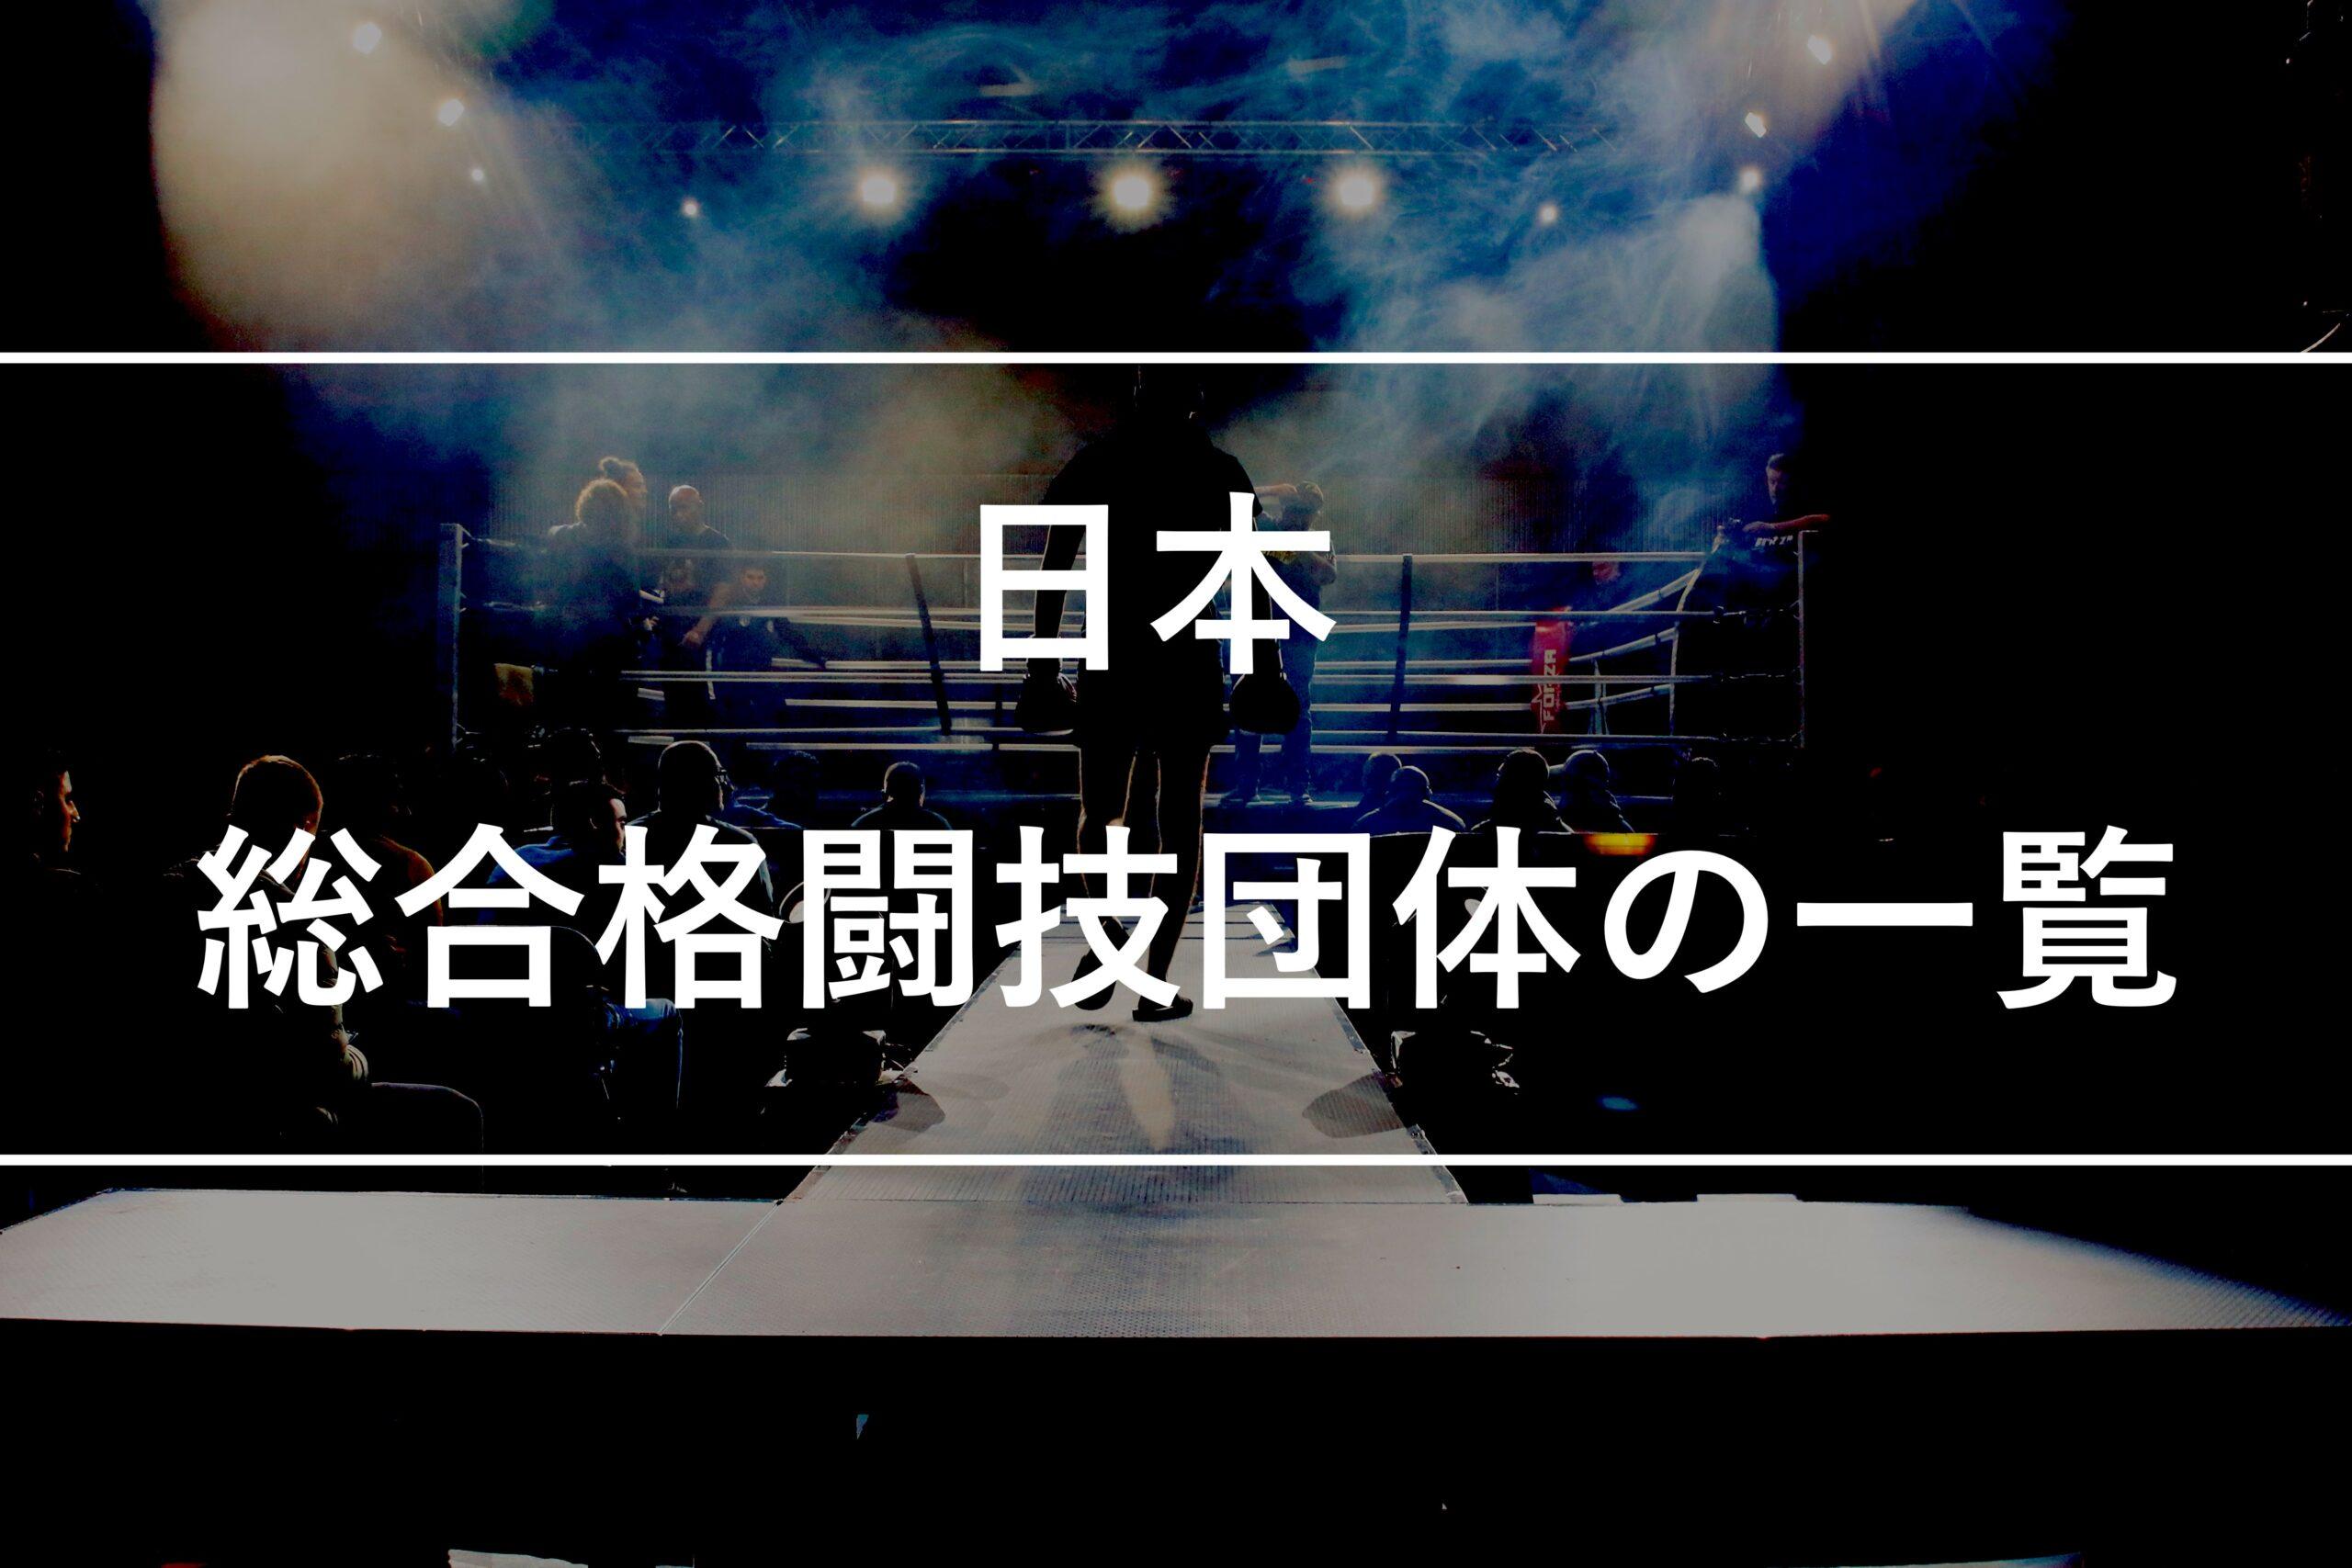 【日本】総合格闘技団体の一覧、仕組みを解説します